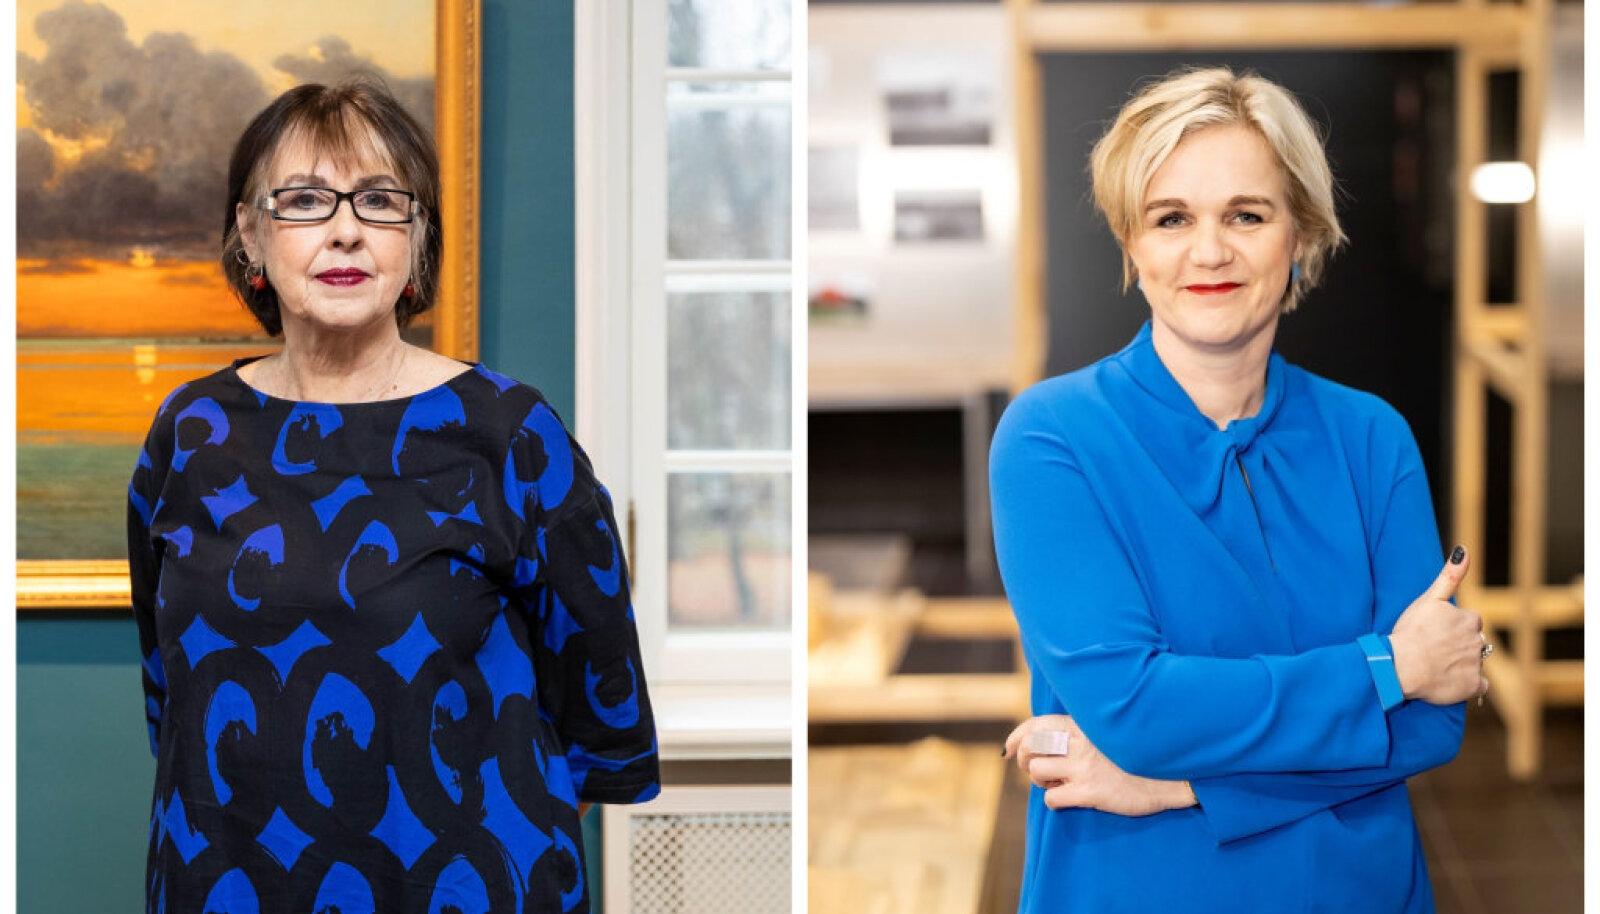 Eesti Kunstimuuseumi peadirektor Sirje Helme (vasakul) ja Arhitektuurimuuseumi direktor Triin Ojari sõnul on piirangud viiruse kontrolli alla saamiseks olulised, kuid need peavad olema põhjendatud. Kultuuriasutuste sulgemine seda ei olnud.